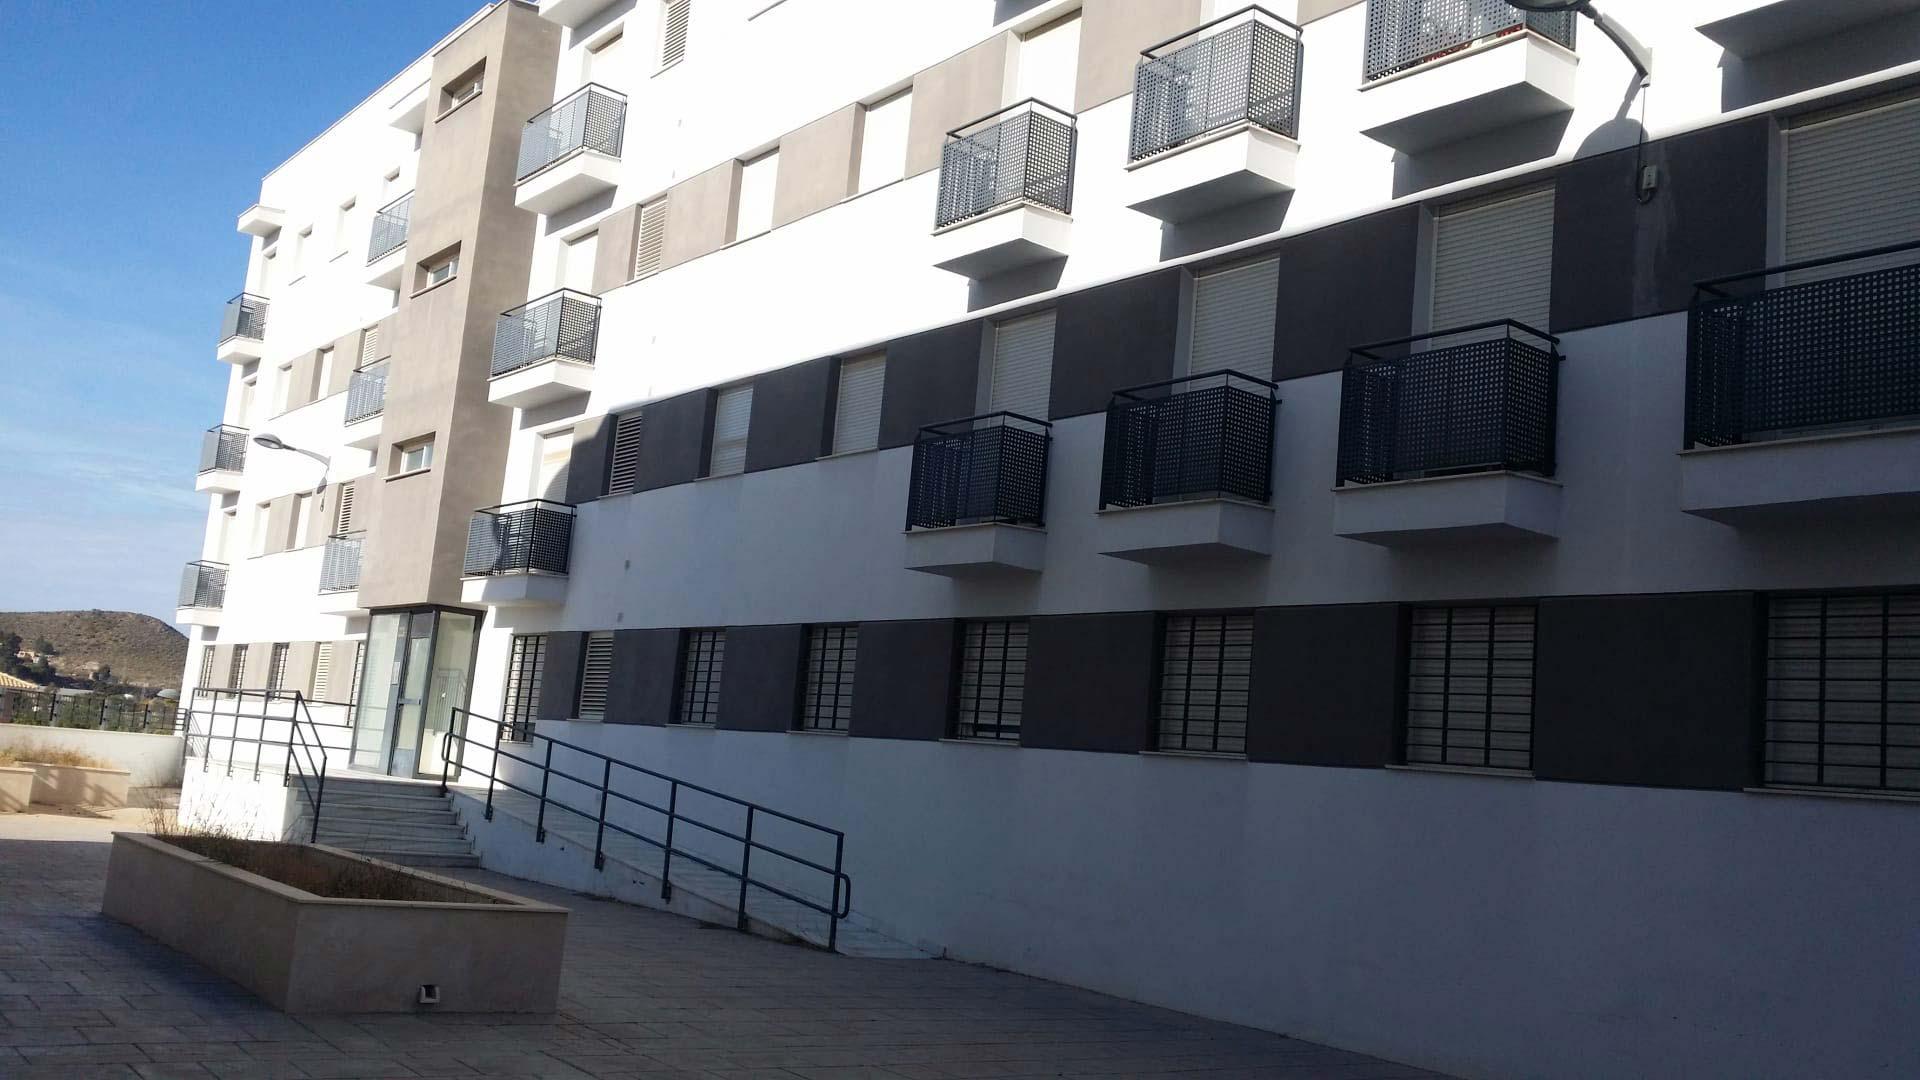 Piso en venta en Huitar Mayor, Olula del Río, Almería, Calle Alta, 65.100 €, 3 habitaciones, 1 baño, 98 m2